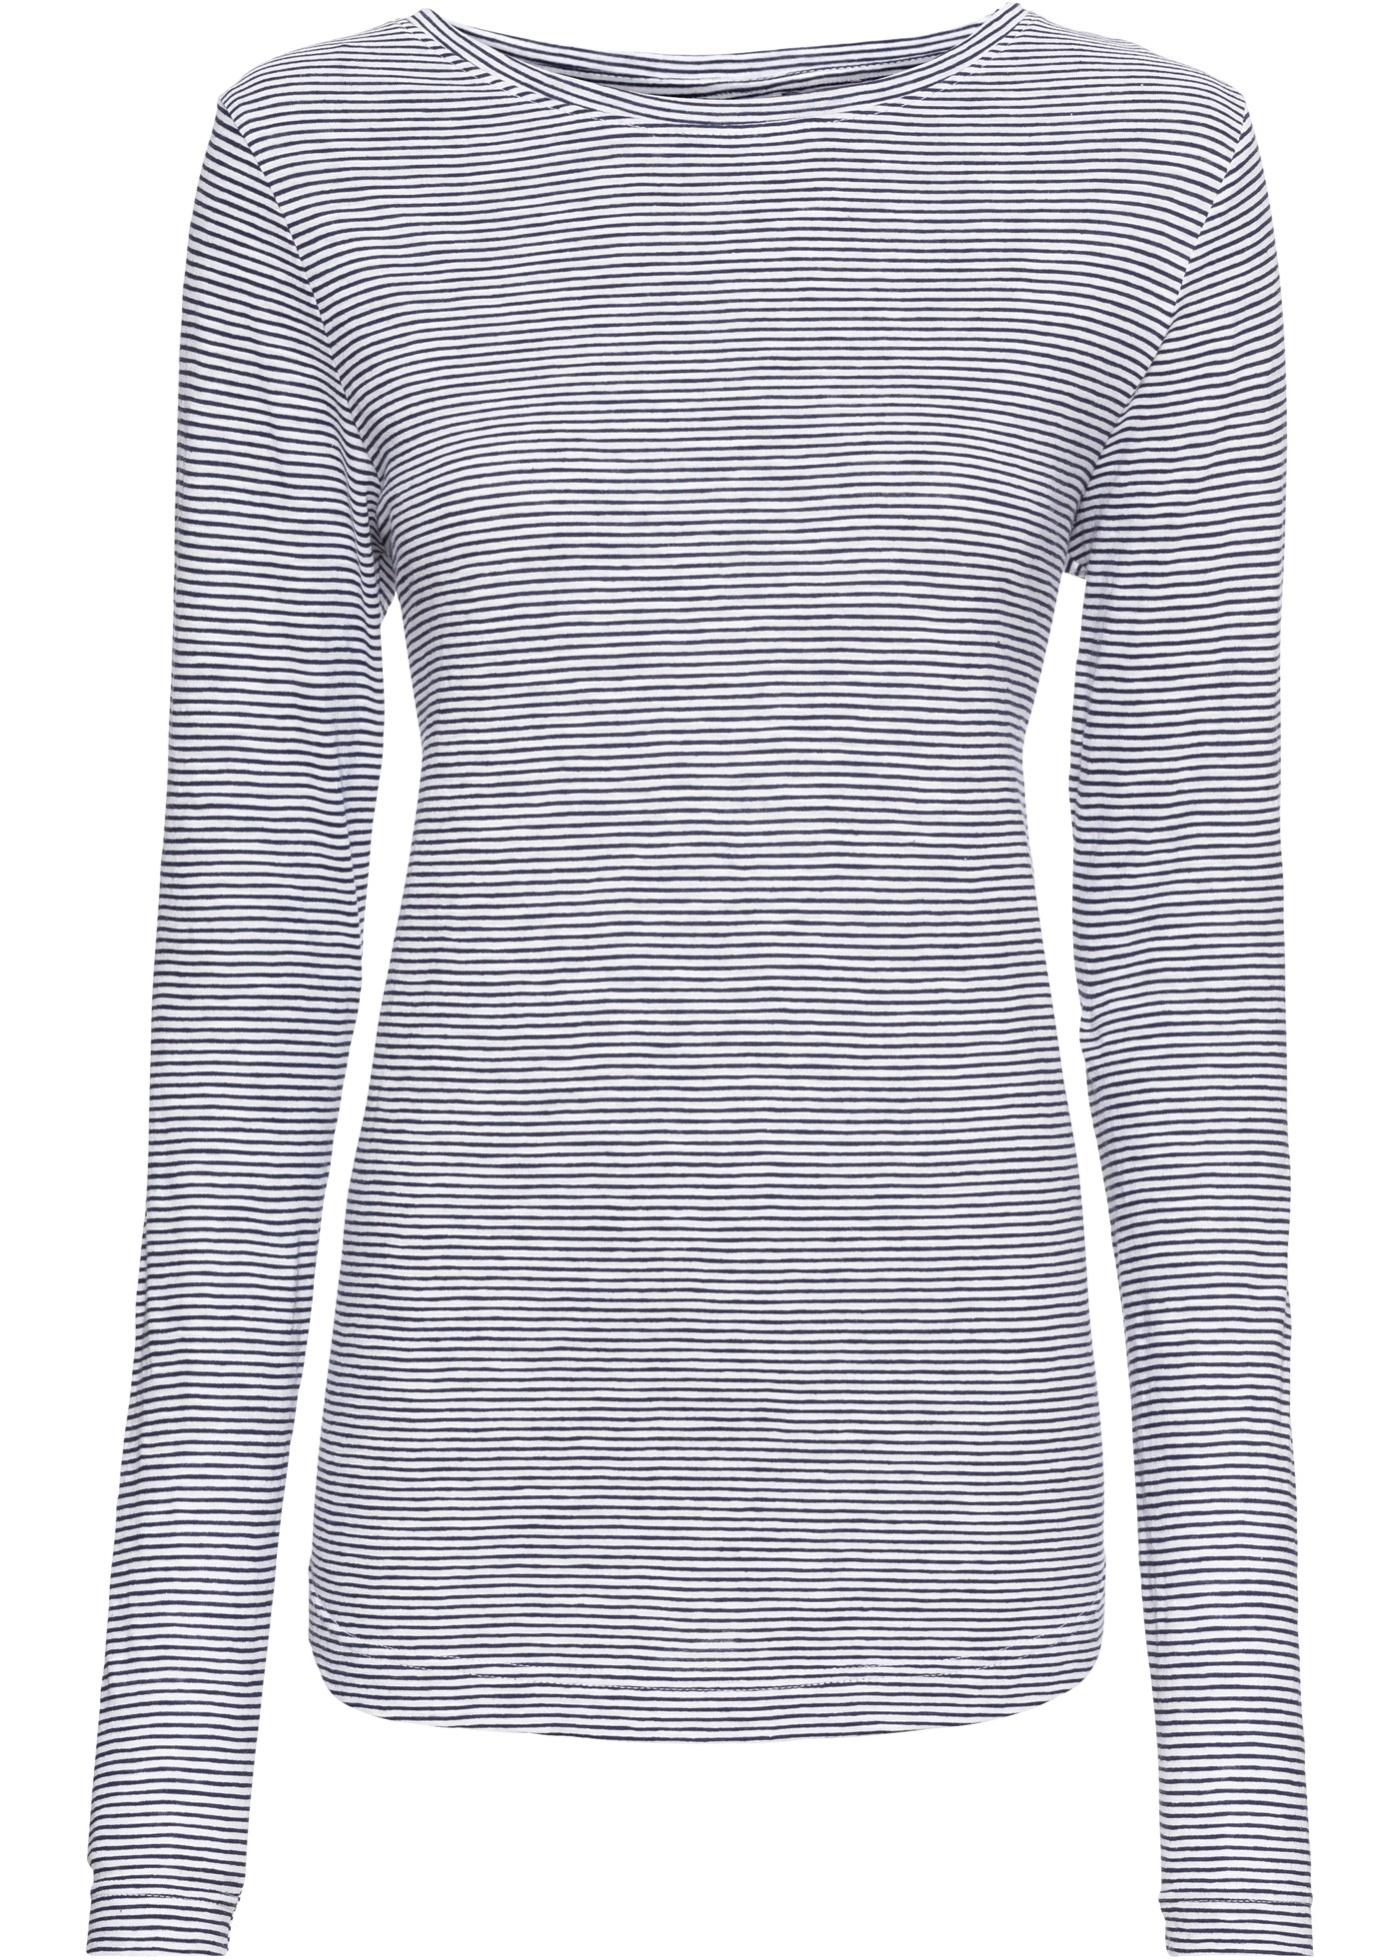 BonprixT Rainbow Manches Longues shirt Femme Rayé Bleu Pour RScj543ALq